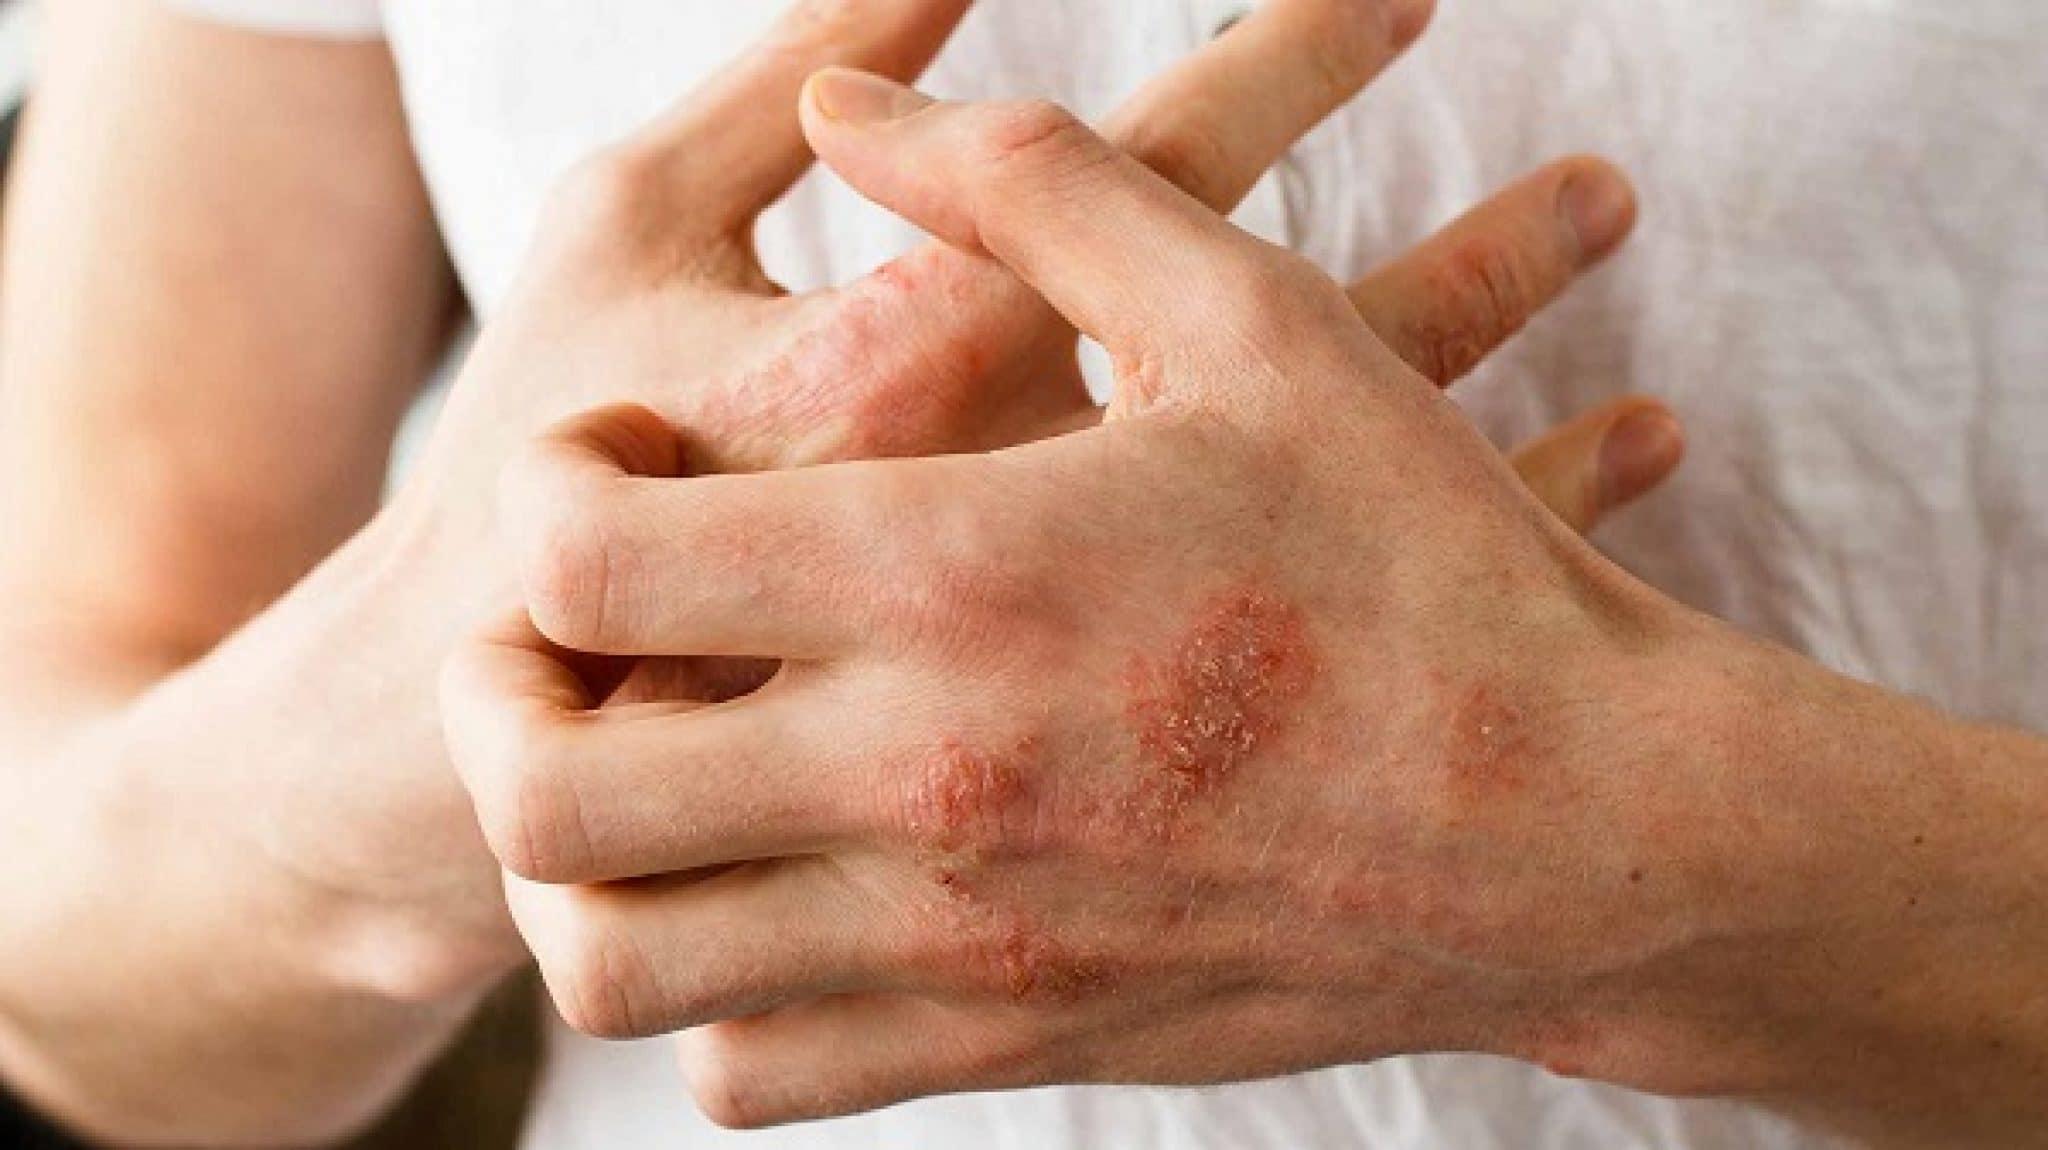 Псориаз не заразен, но передается: как и почему — полный ответ на вопрос